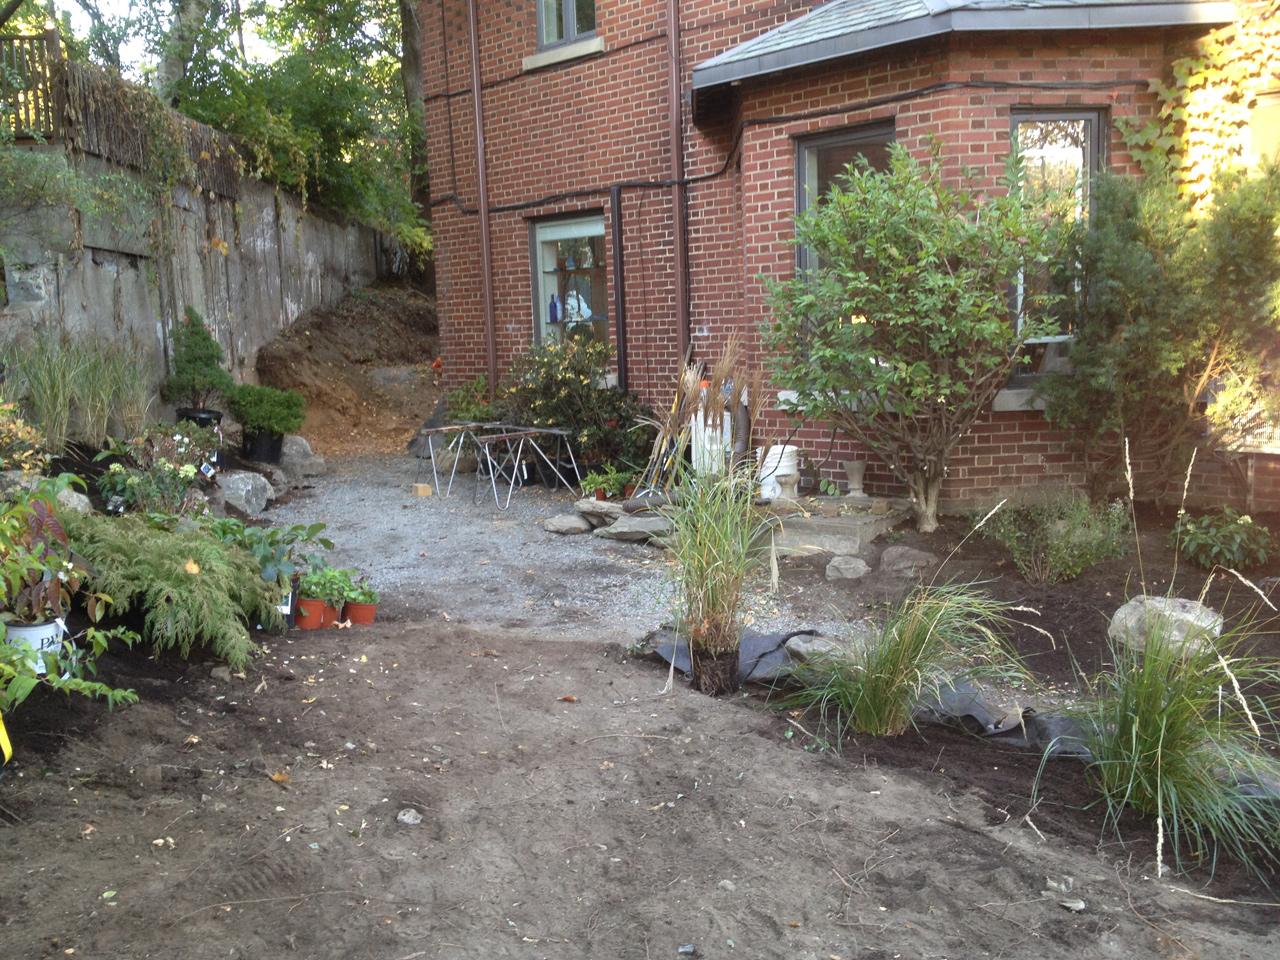 préparation des fondations pour patio et rocaille